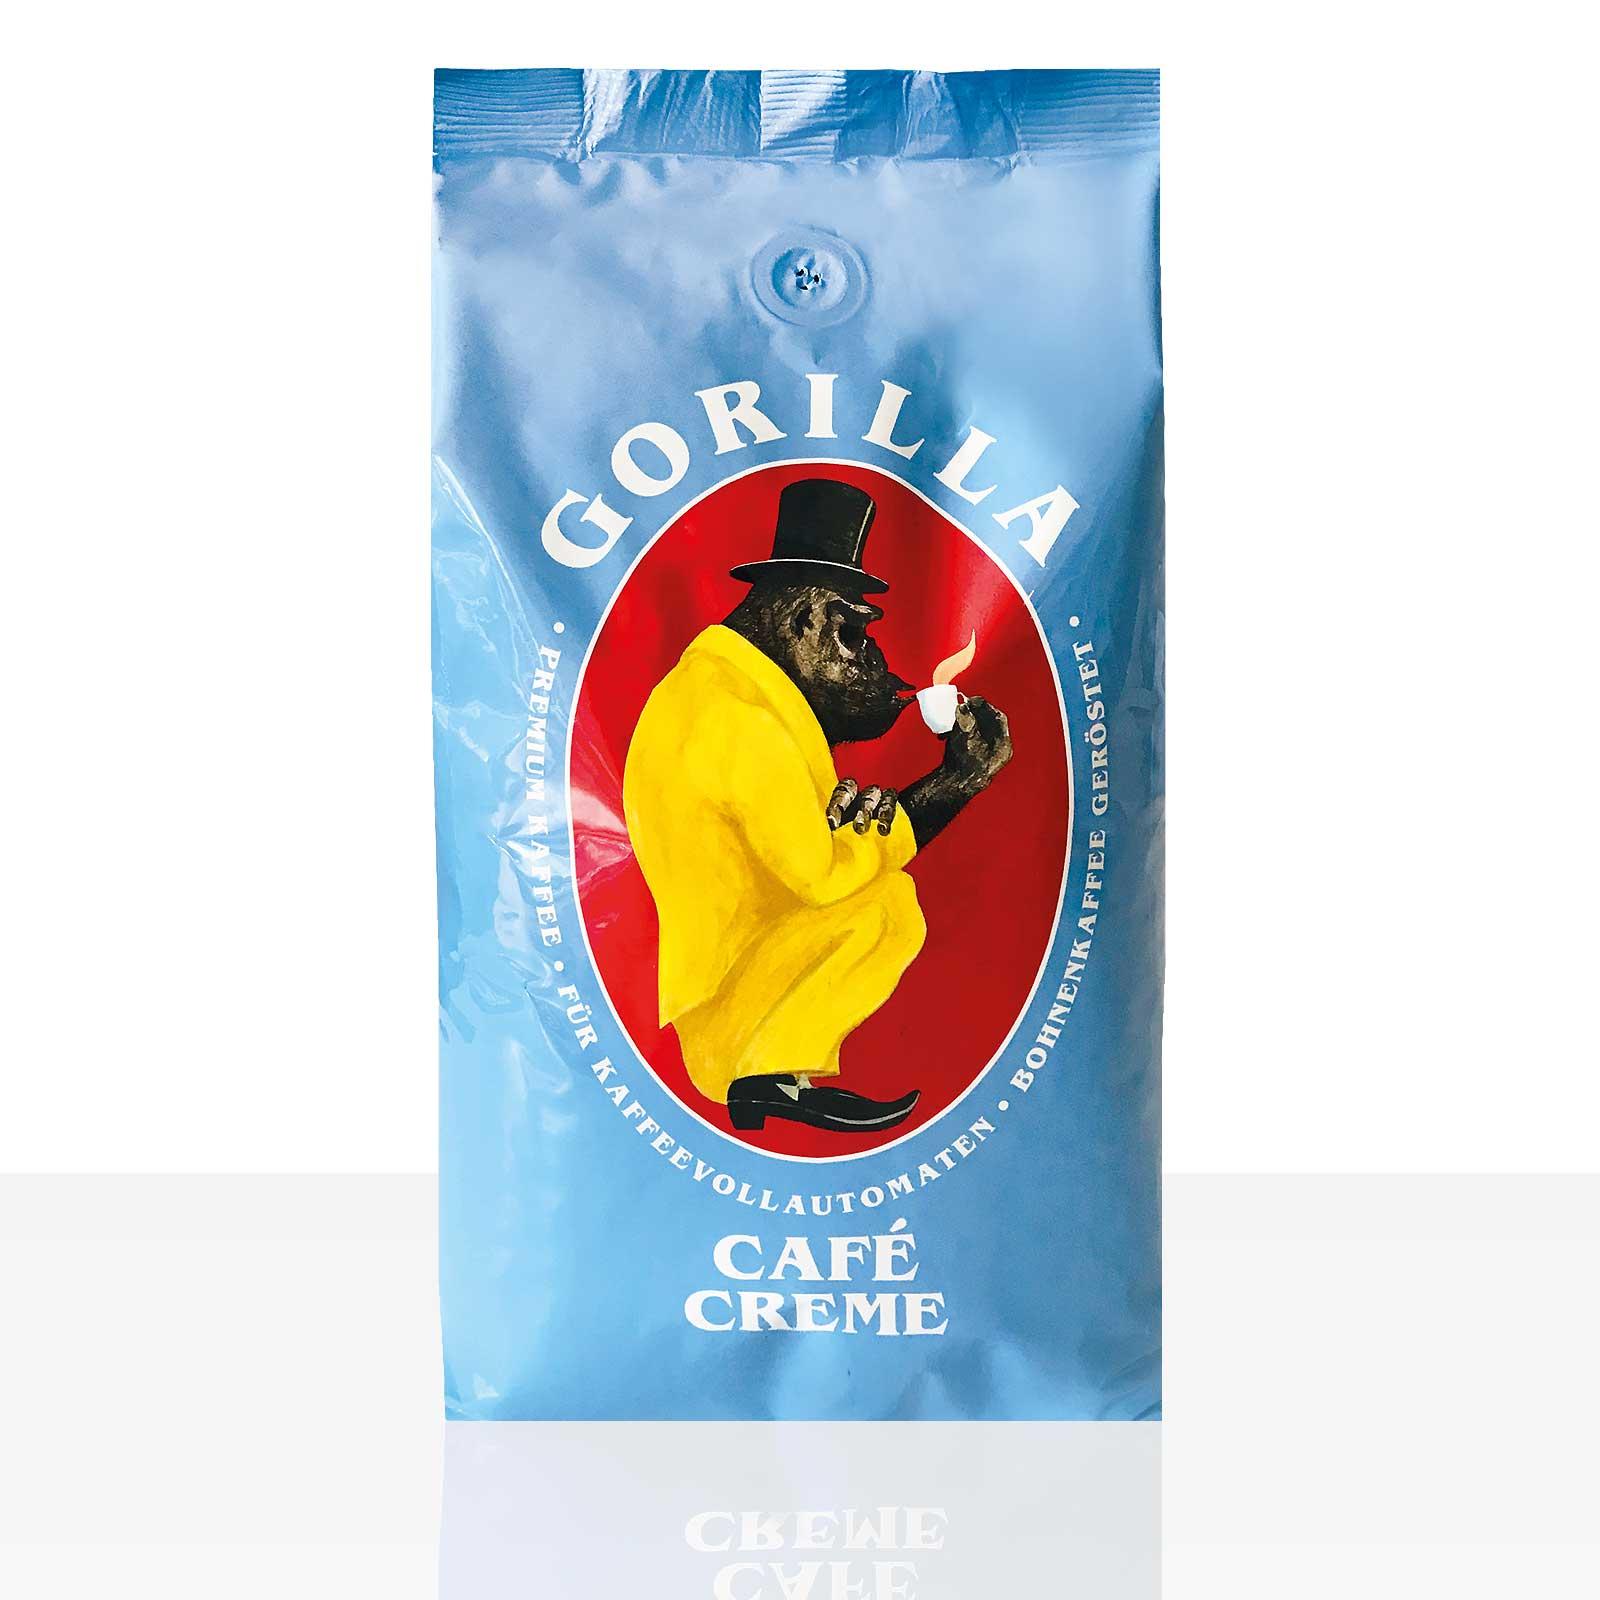 Gorilla Cafe Creme Kaffee 1kg ganze Bohne